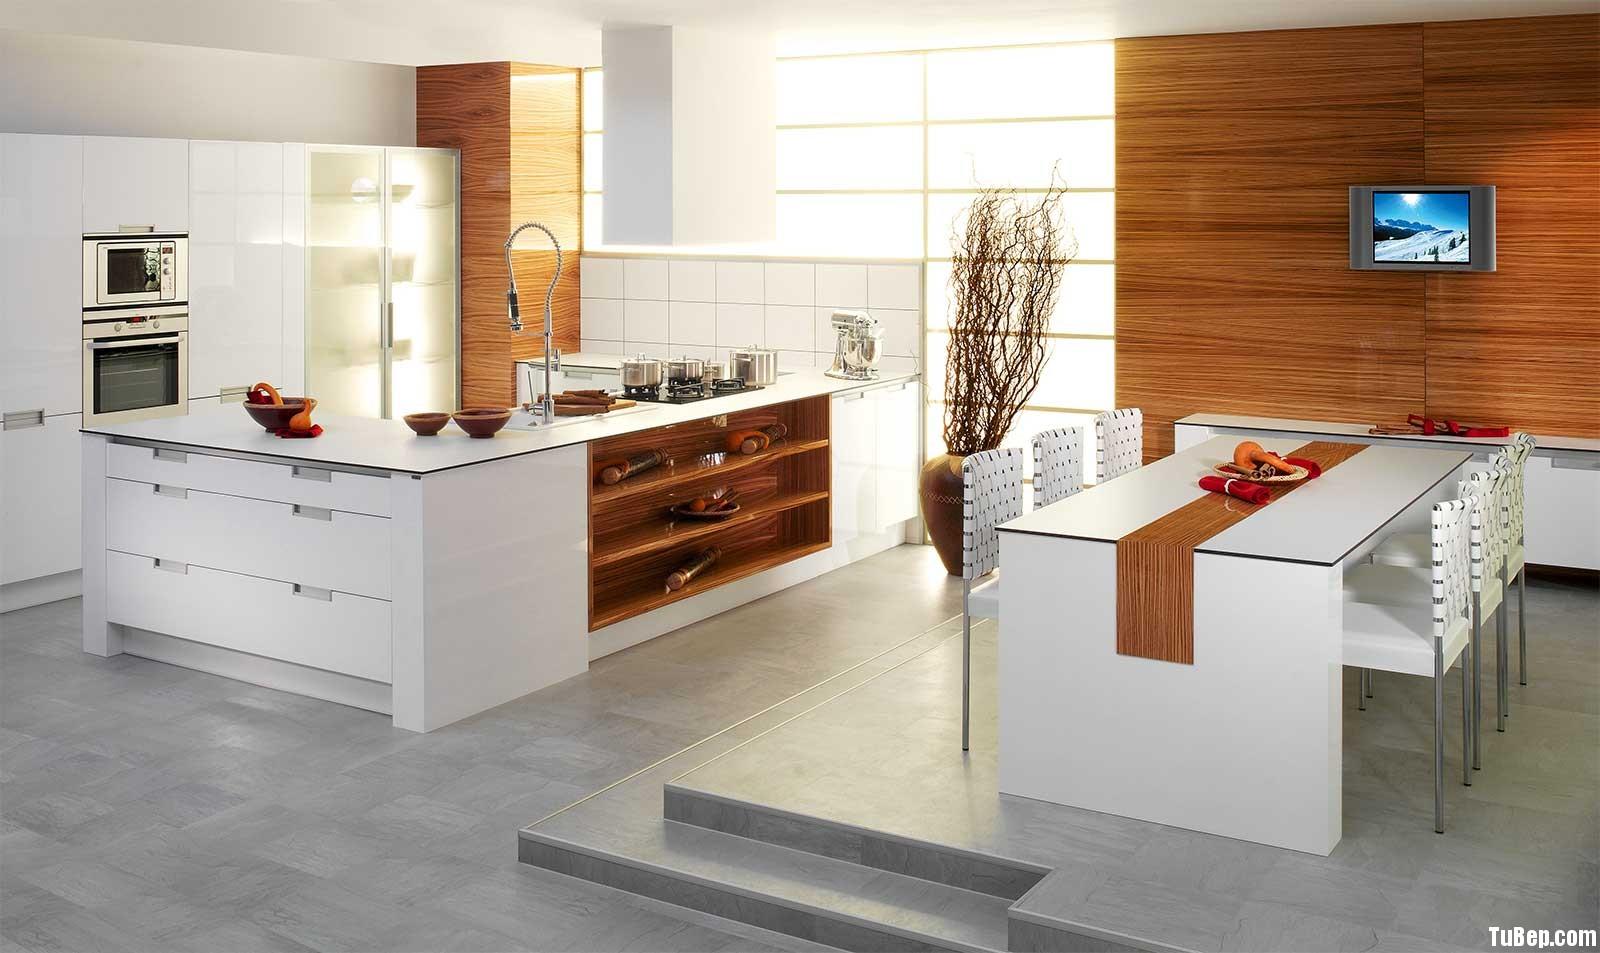 Acrylic trắng2 Tủ bếp Acrylic có đảo TBT0271